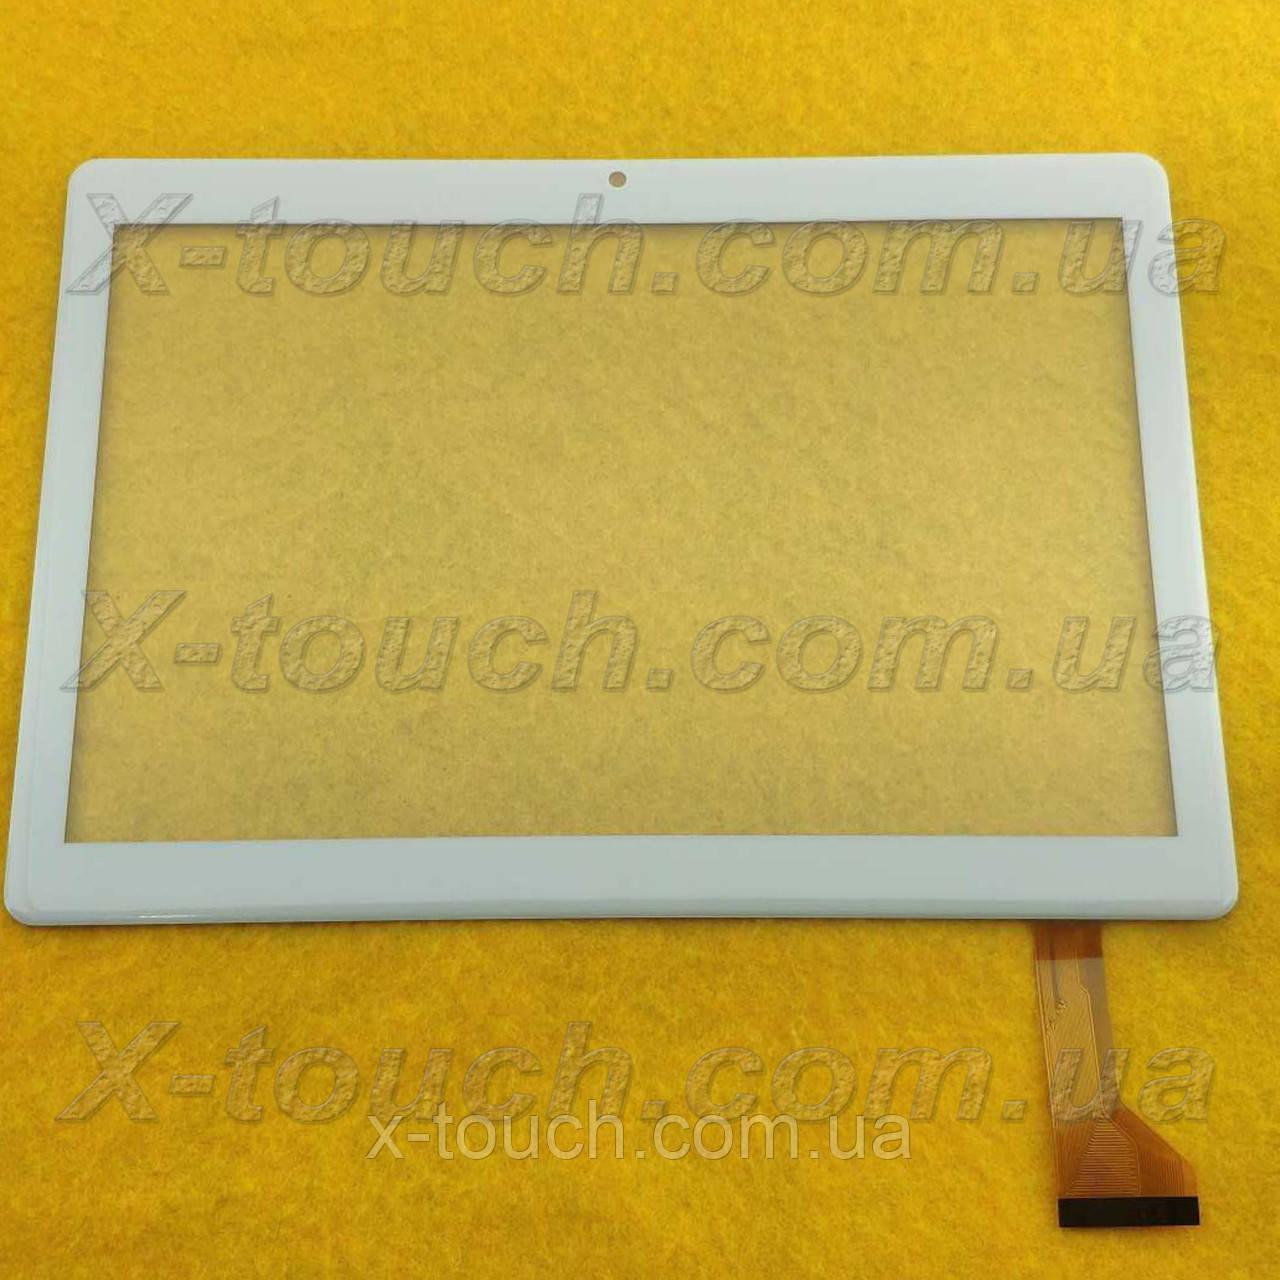 Сенсор, тачскрін DEXP Ursus N210 для планшета, чорний 2.5 D.